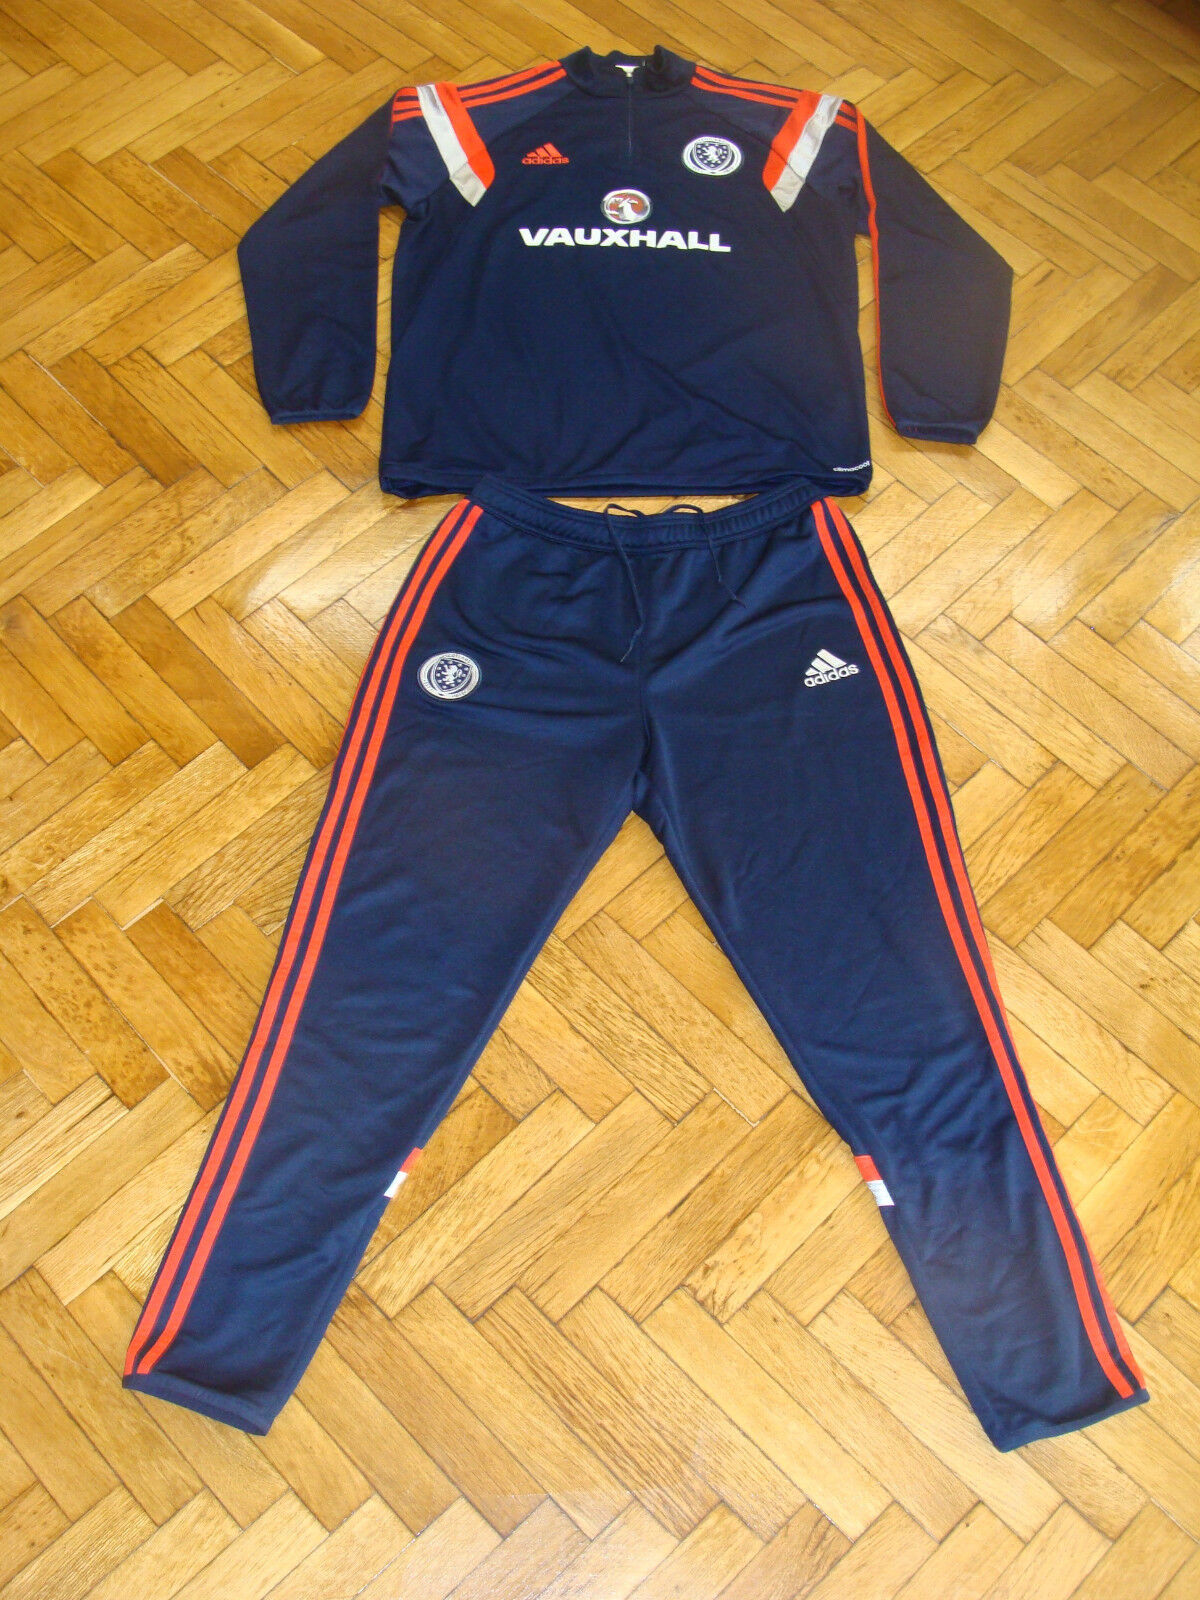 Escocia Fútbol Chándal Pantalones superior Adidas reproductor Usado Traje De Entrenamiento Fútbol